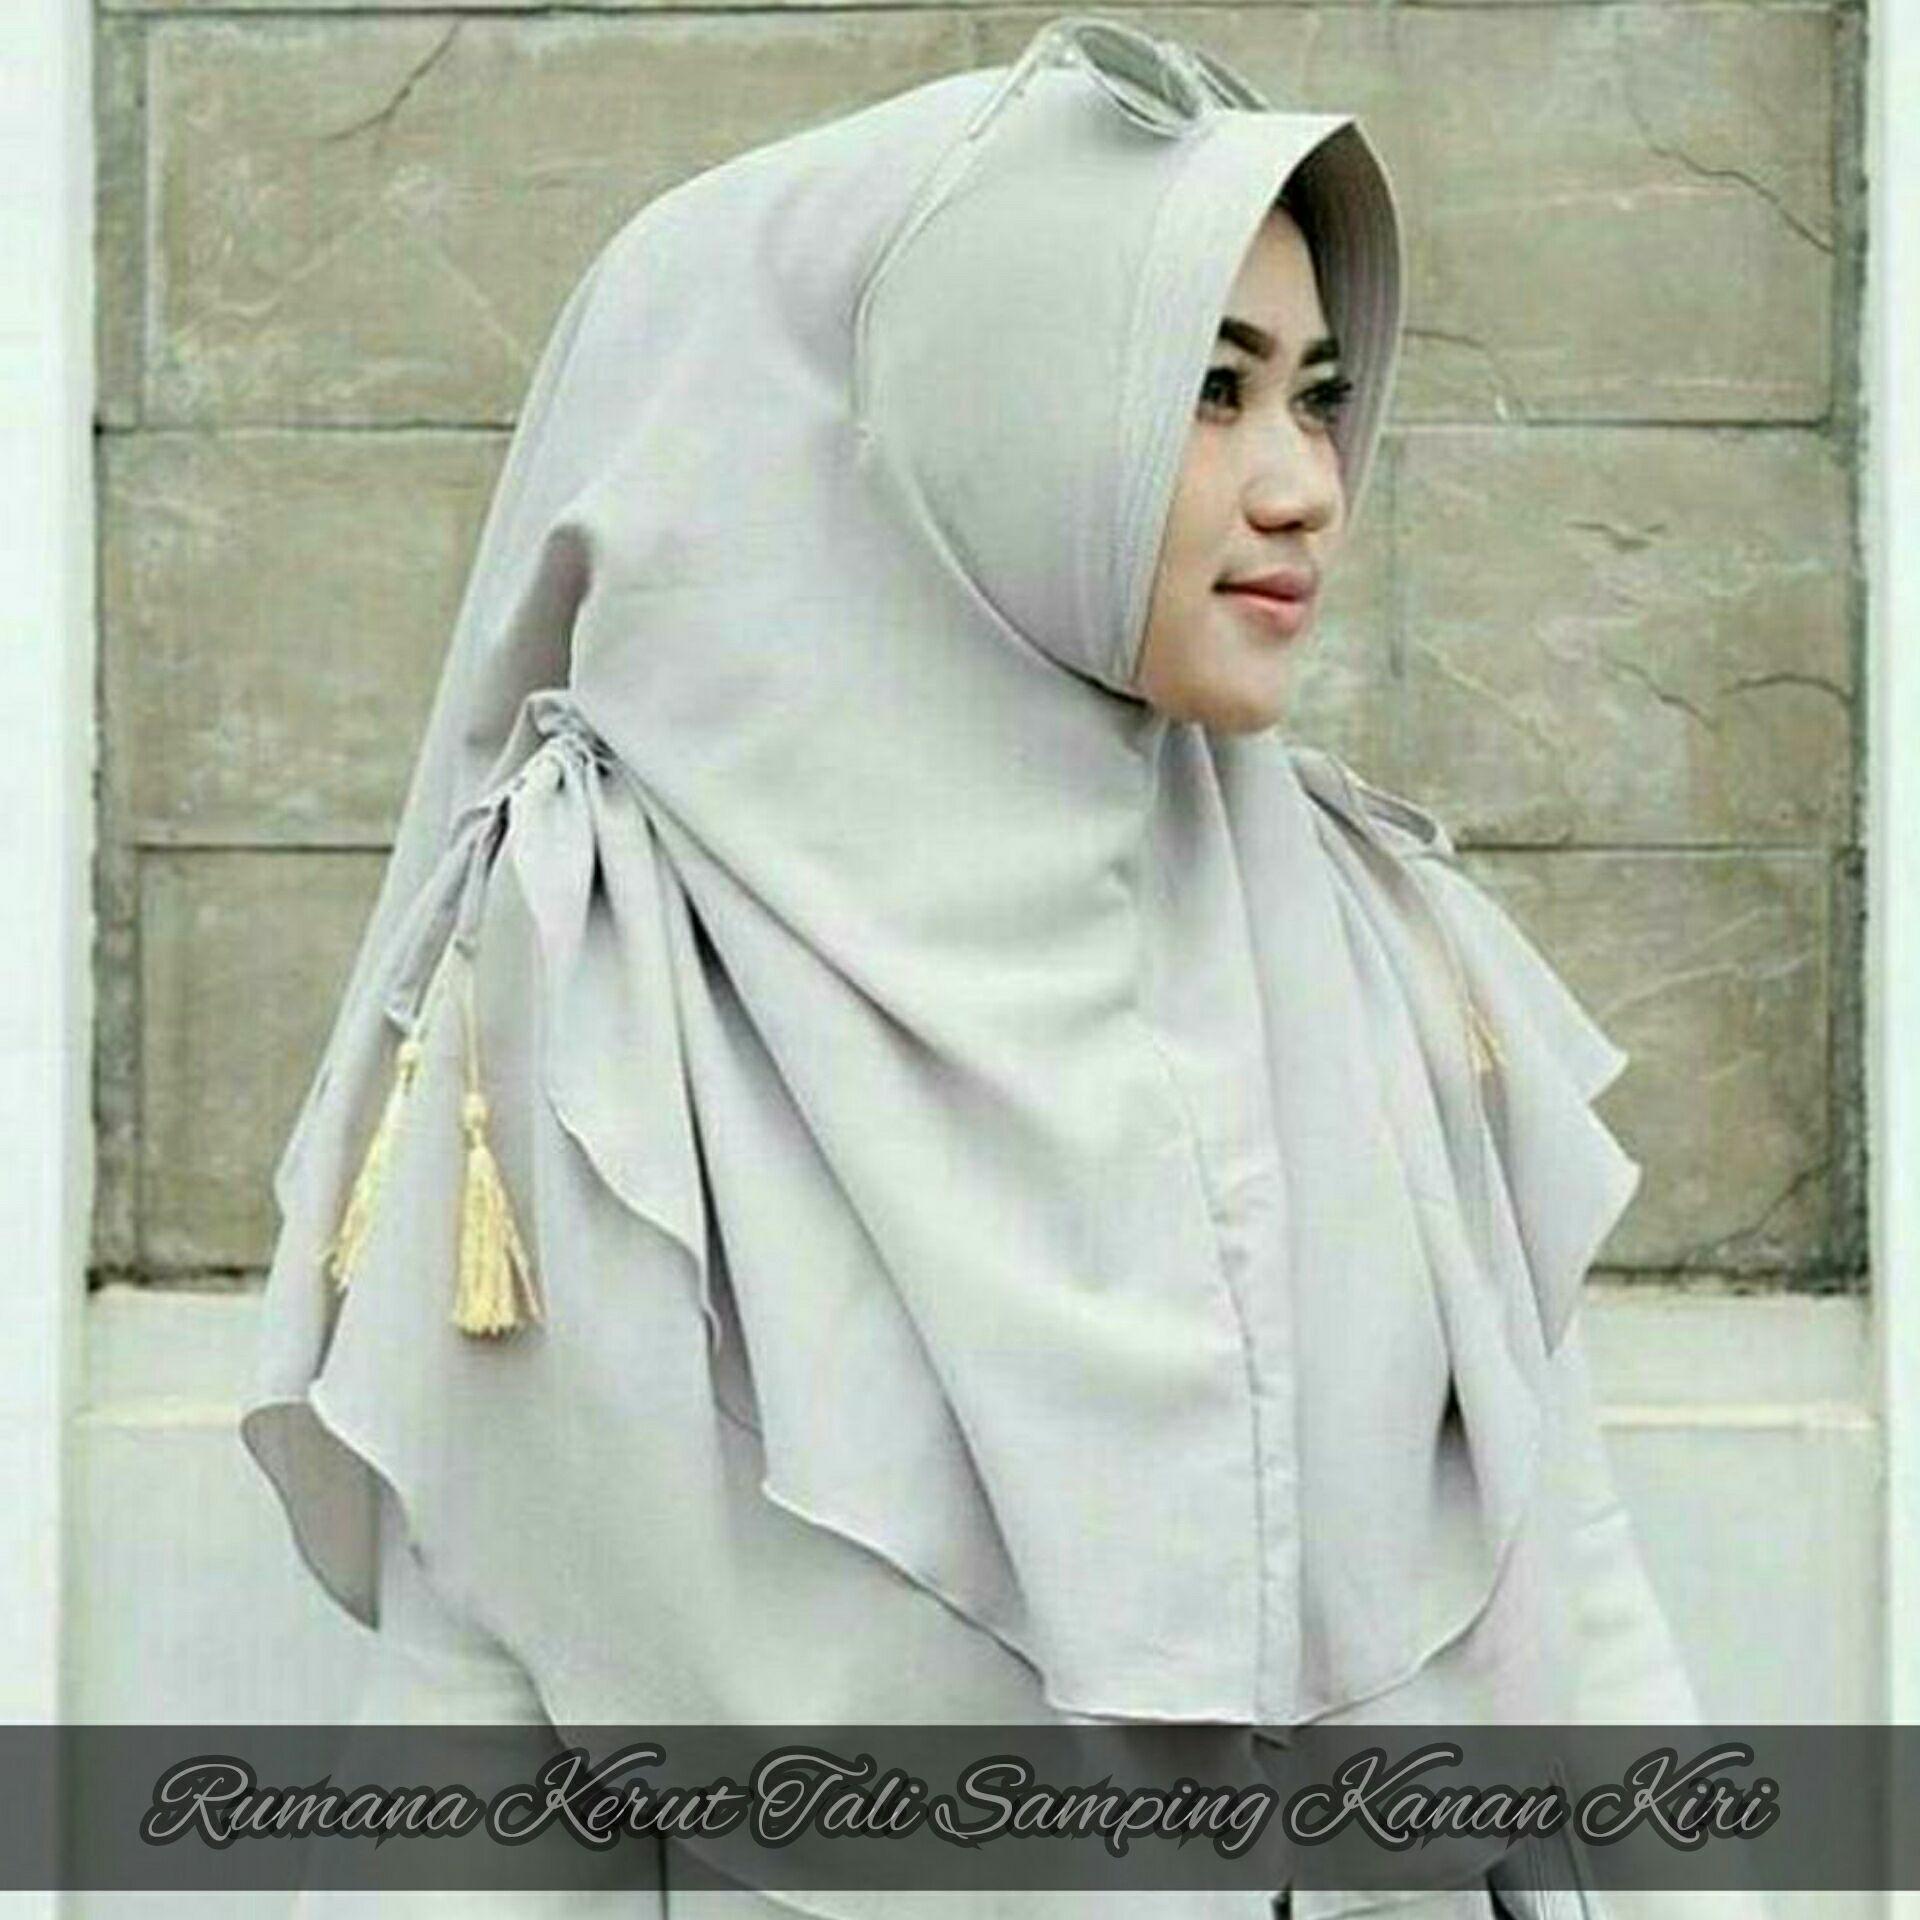 Hijab / Jilbab / Kerudung Rumana Kerut Tali Samping Kanan Kiri